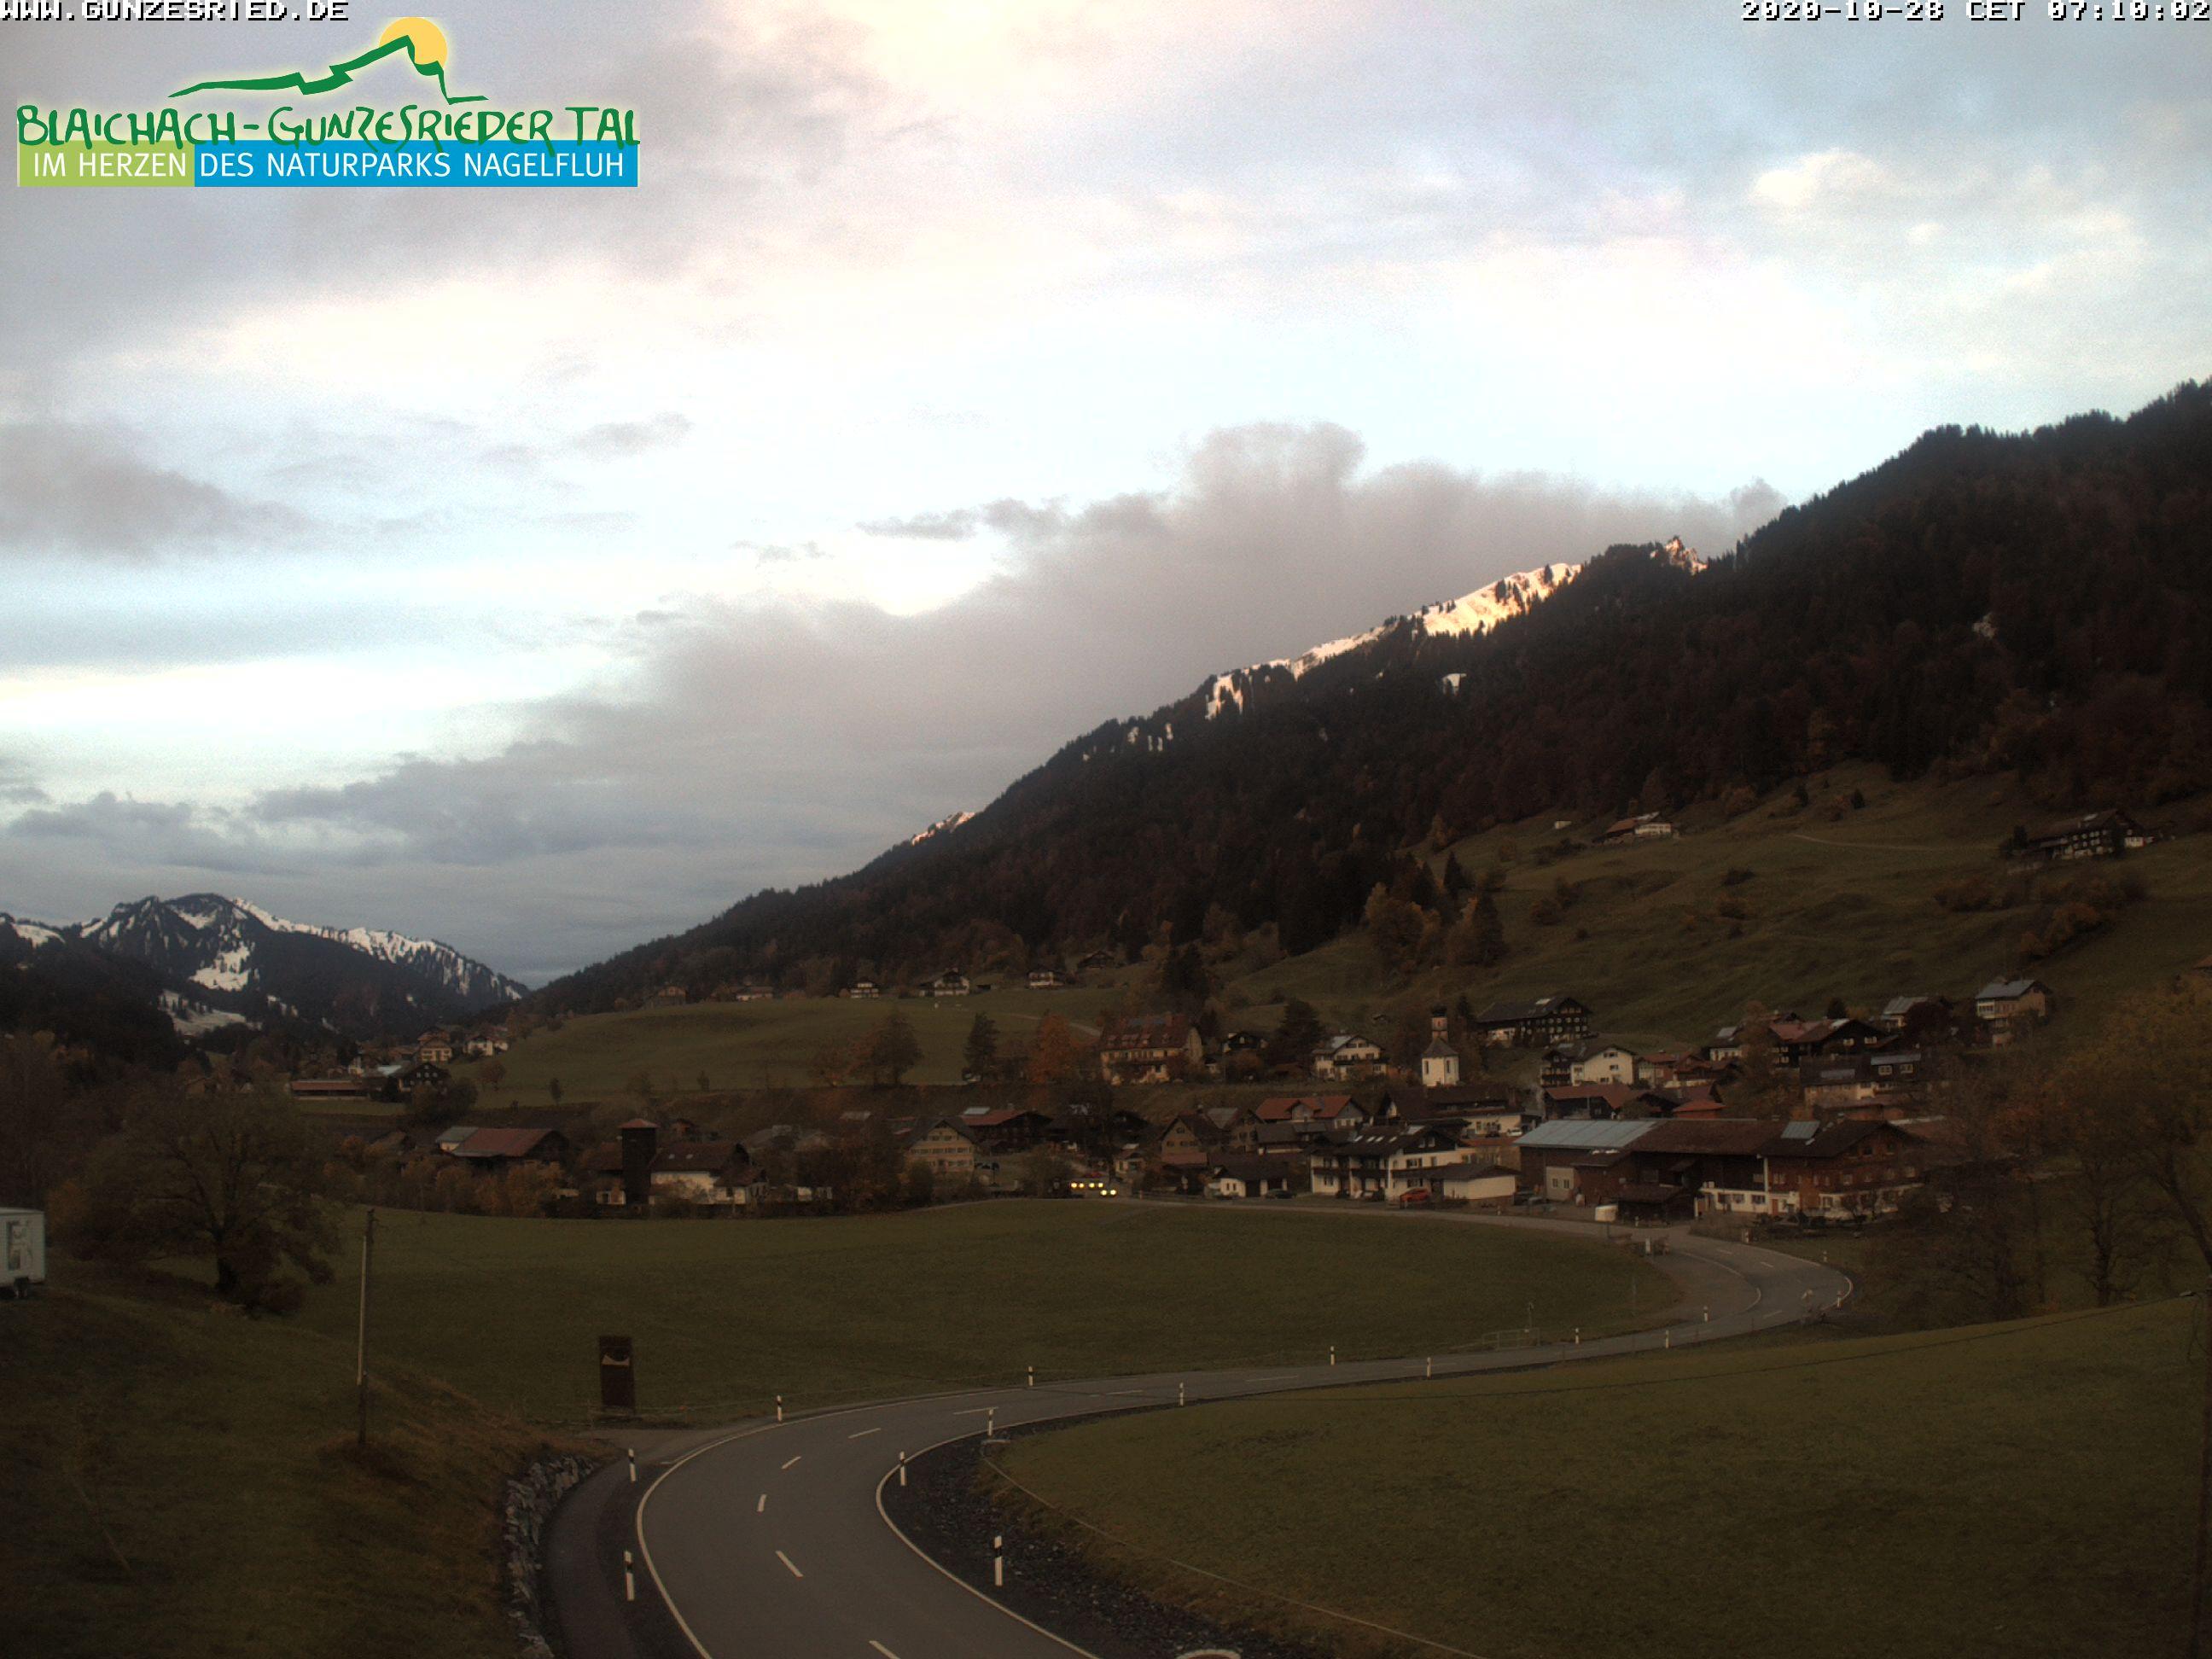 Oberallgäu Gunzesried